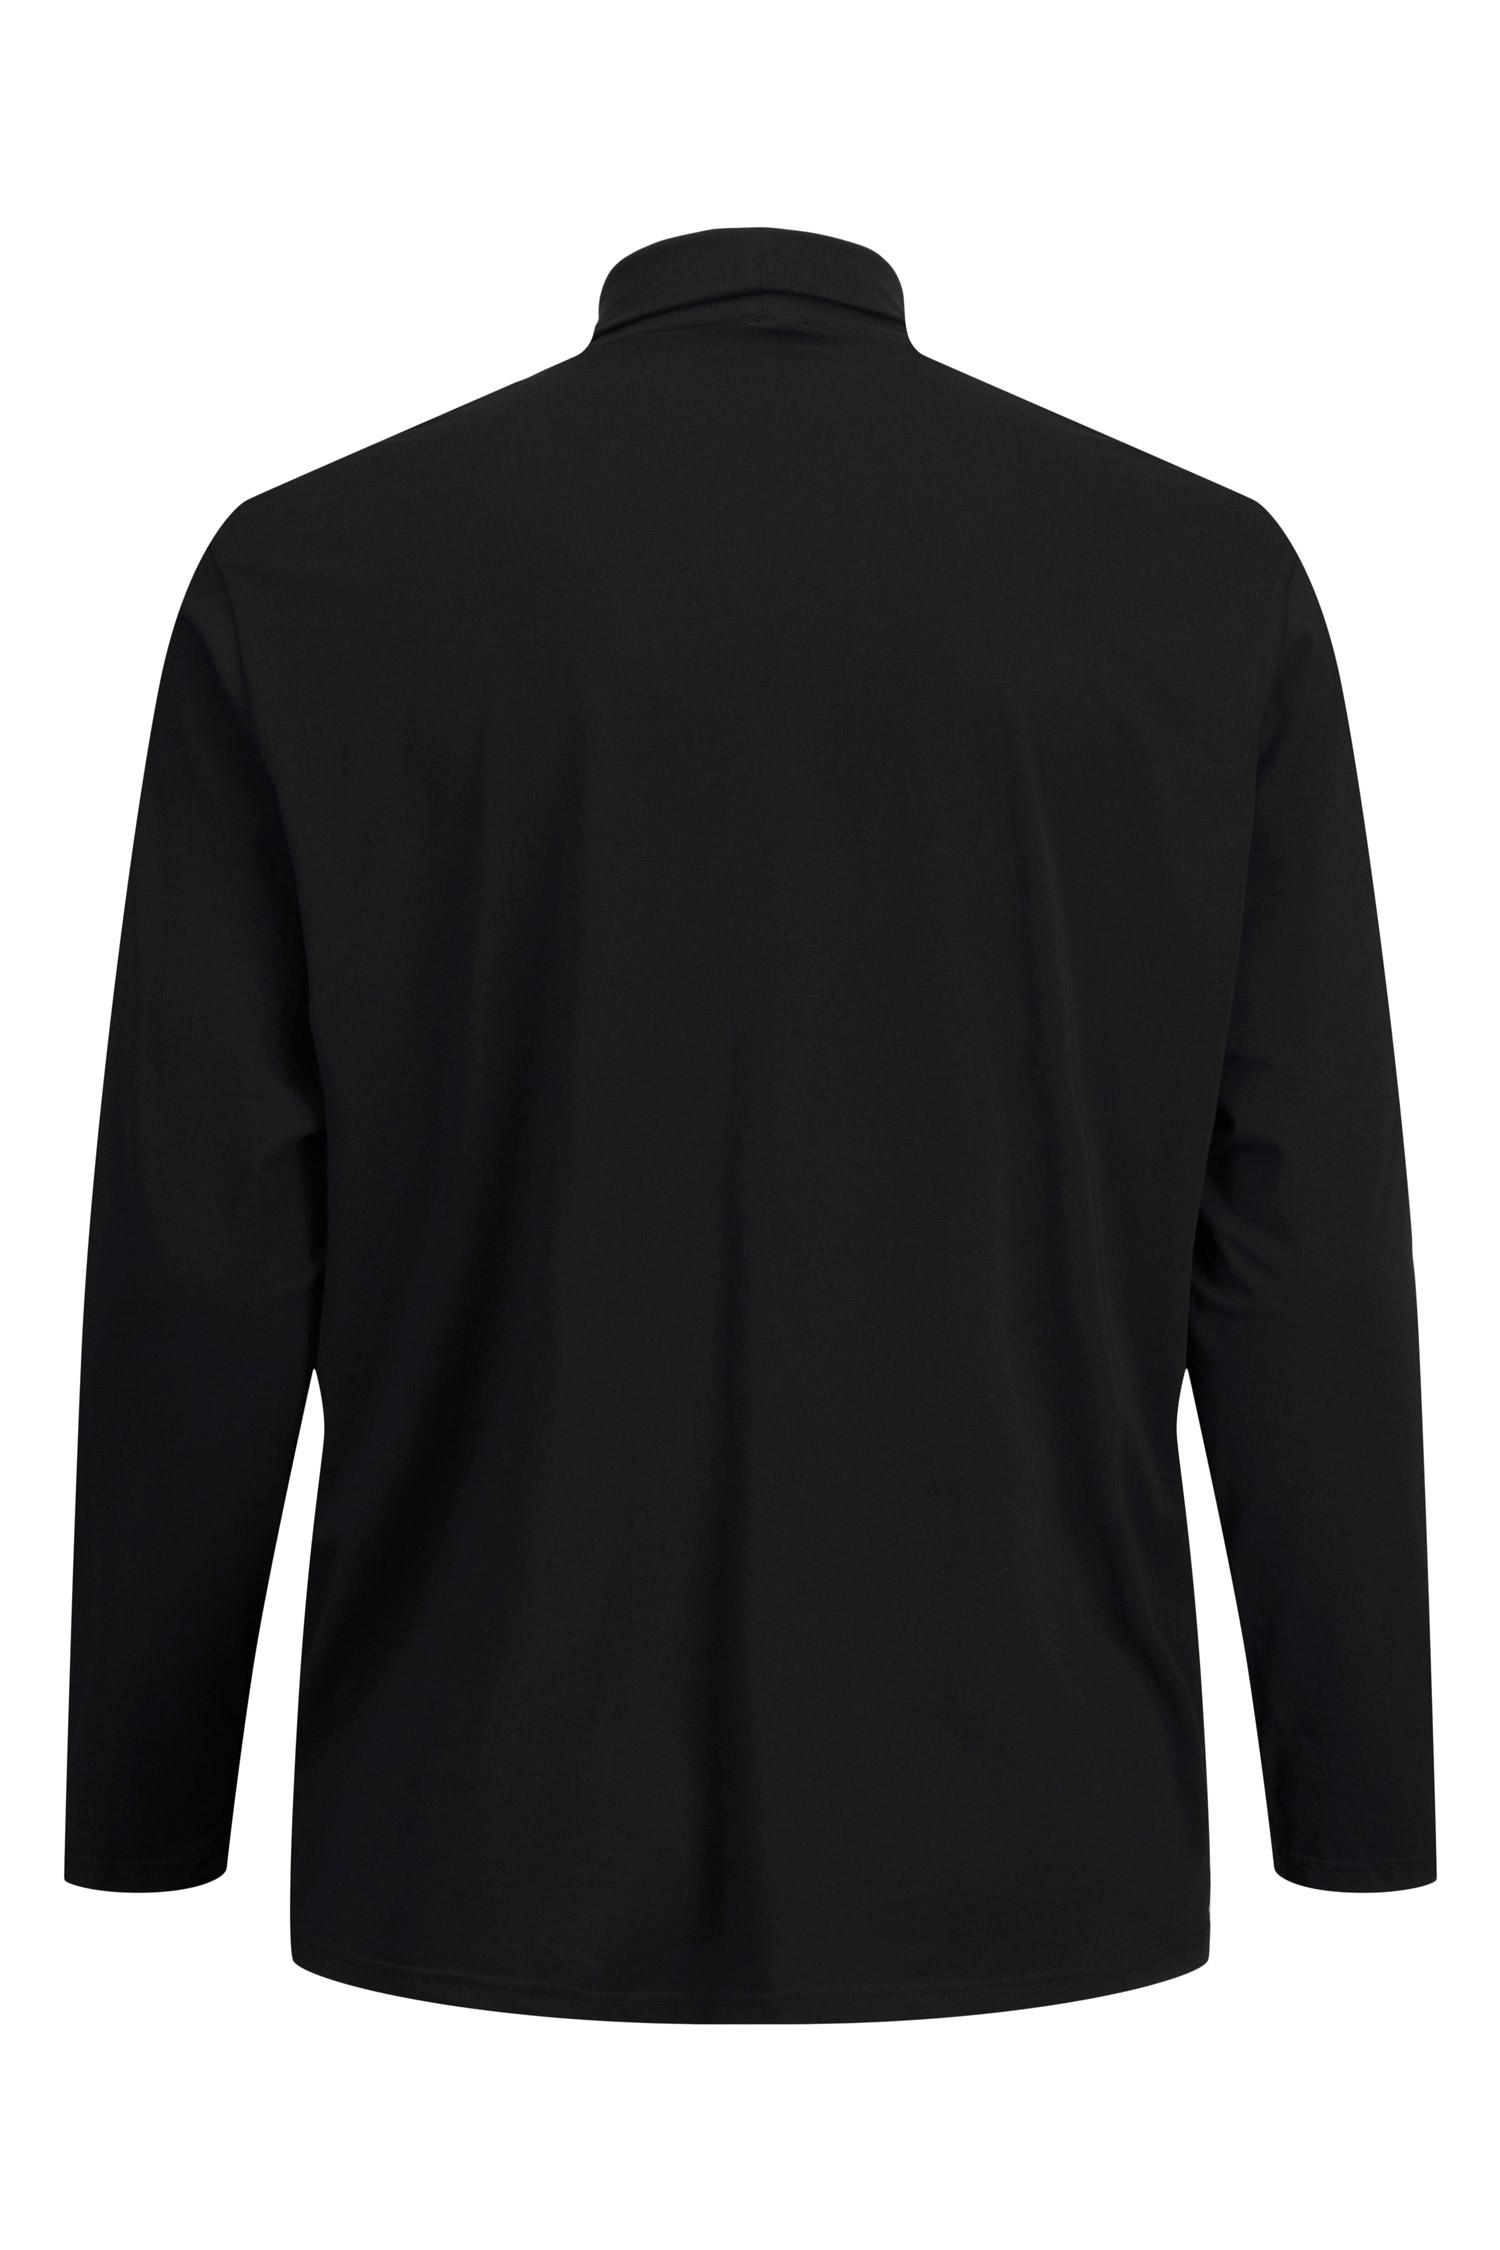 Sport, Camisetas M. Larga, 111149, NEGRO | Zoom